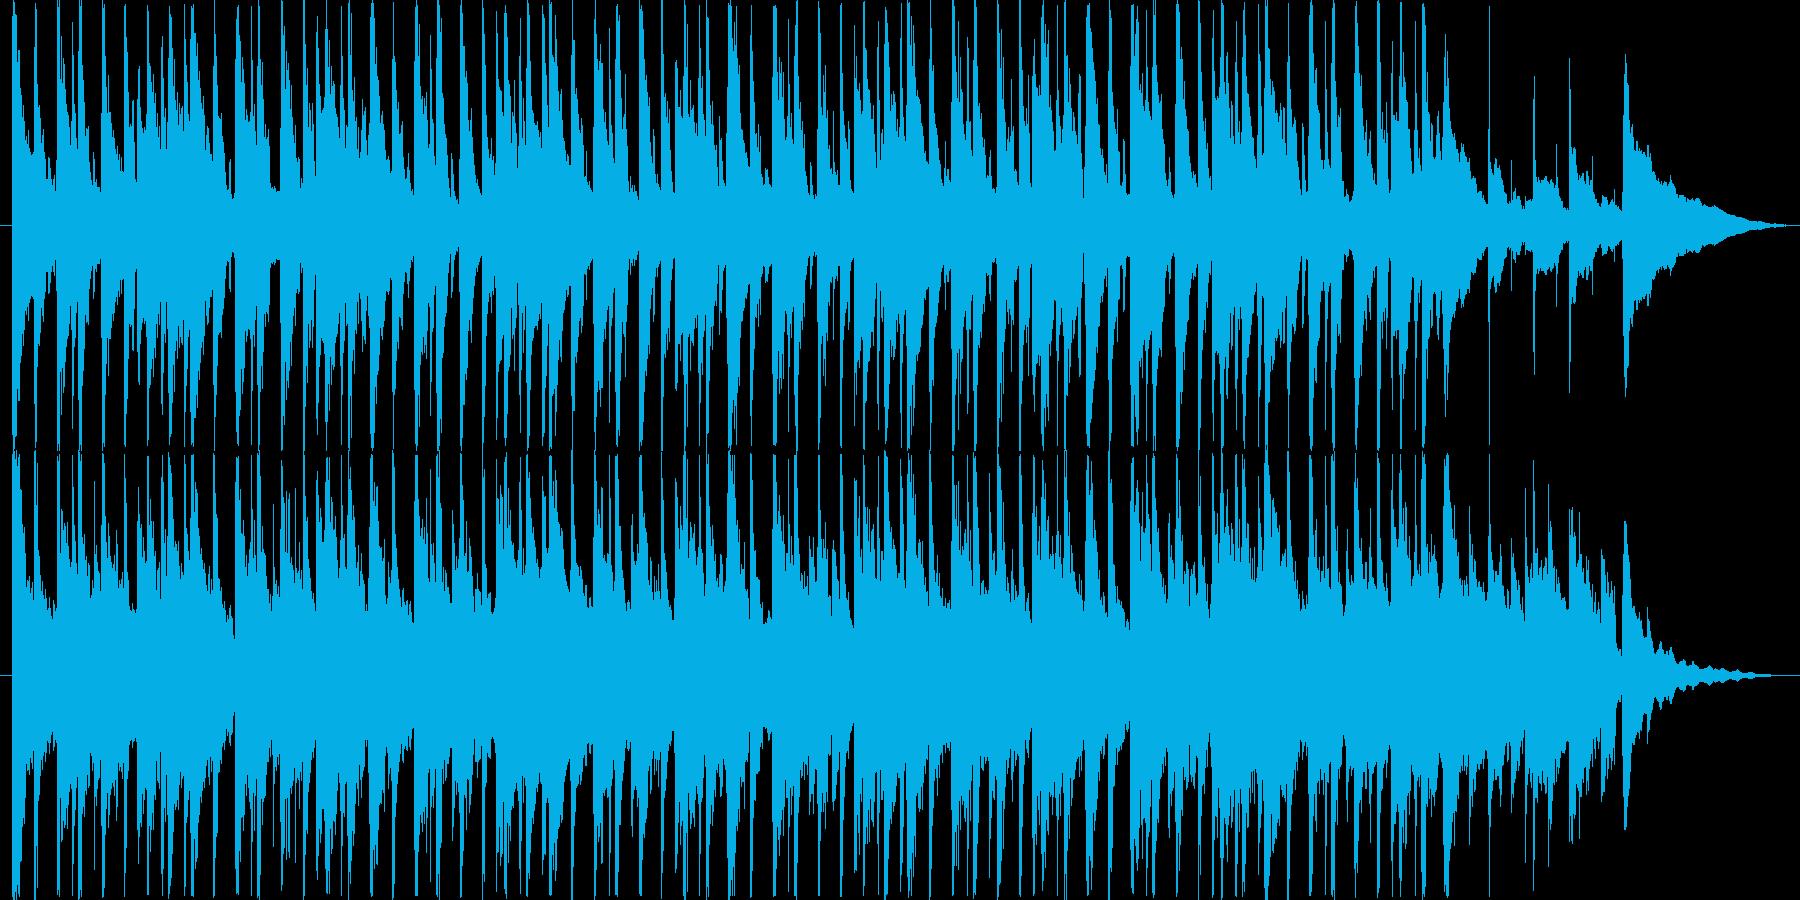 楽しい雰囲気のBGM(30ver)の再生済みの波形